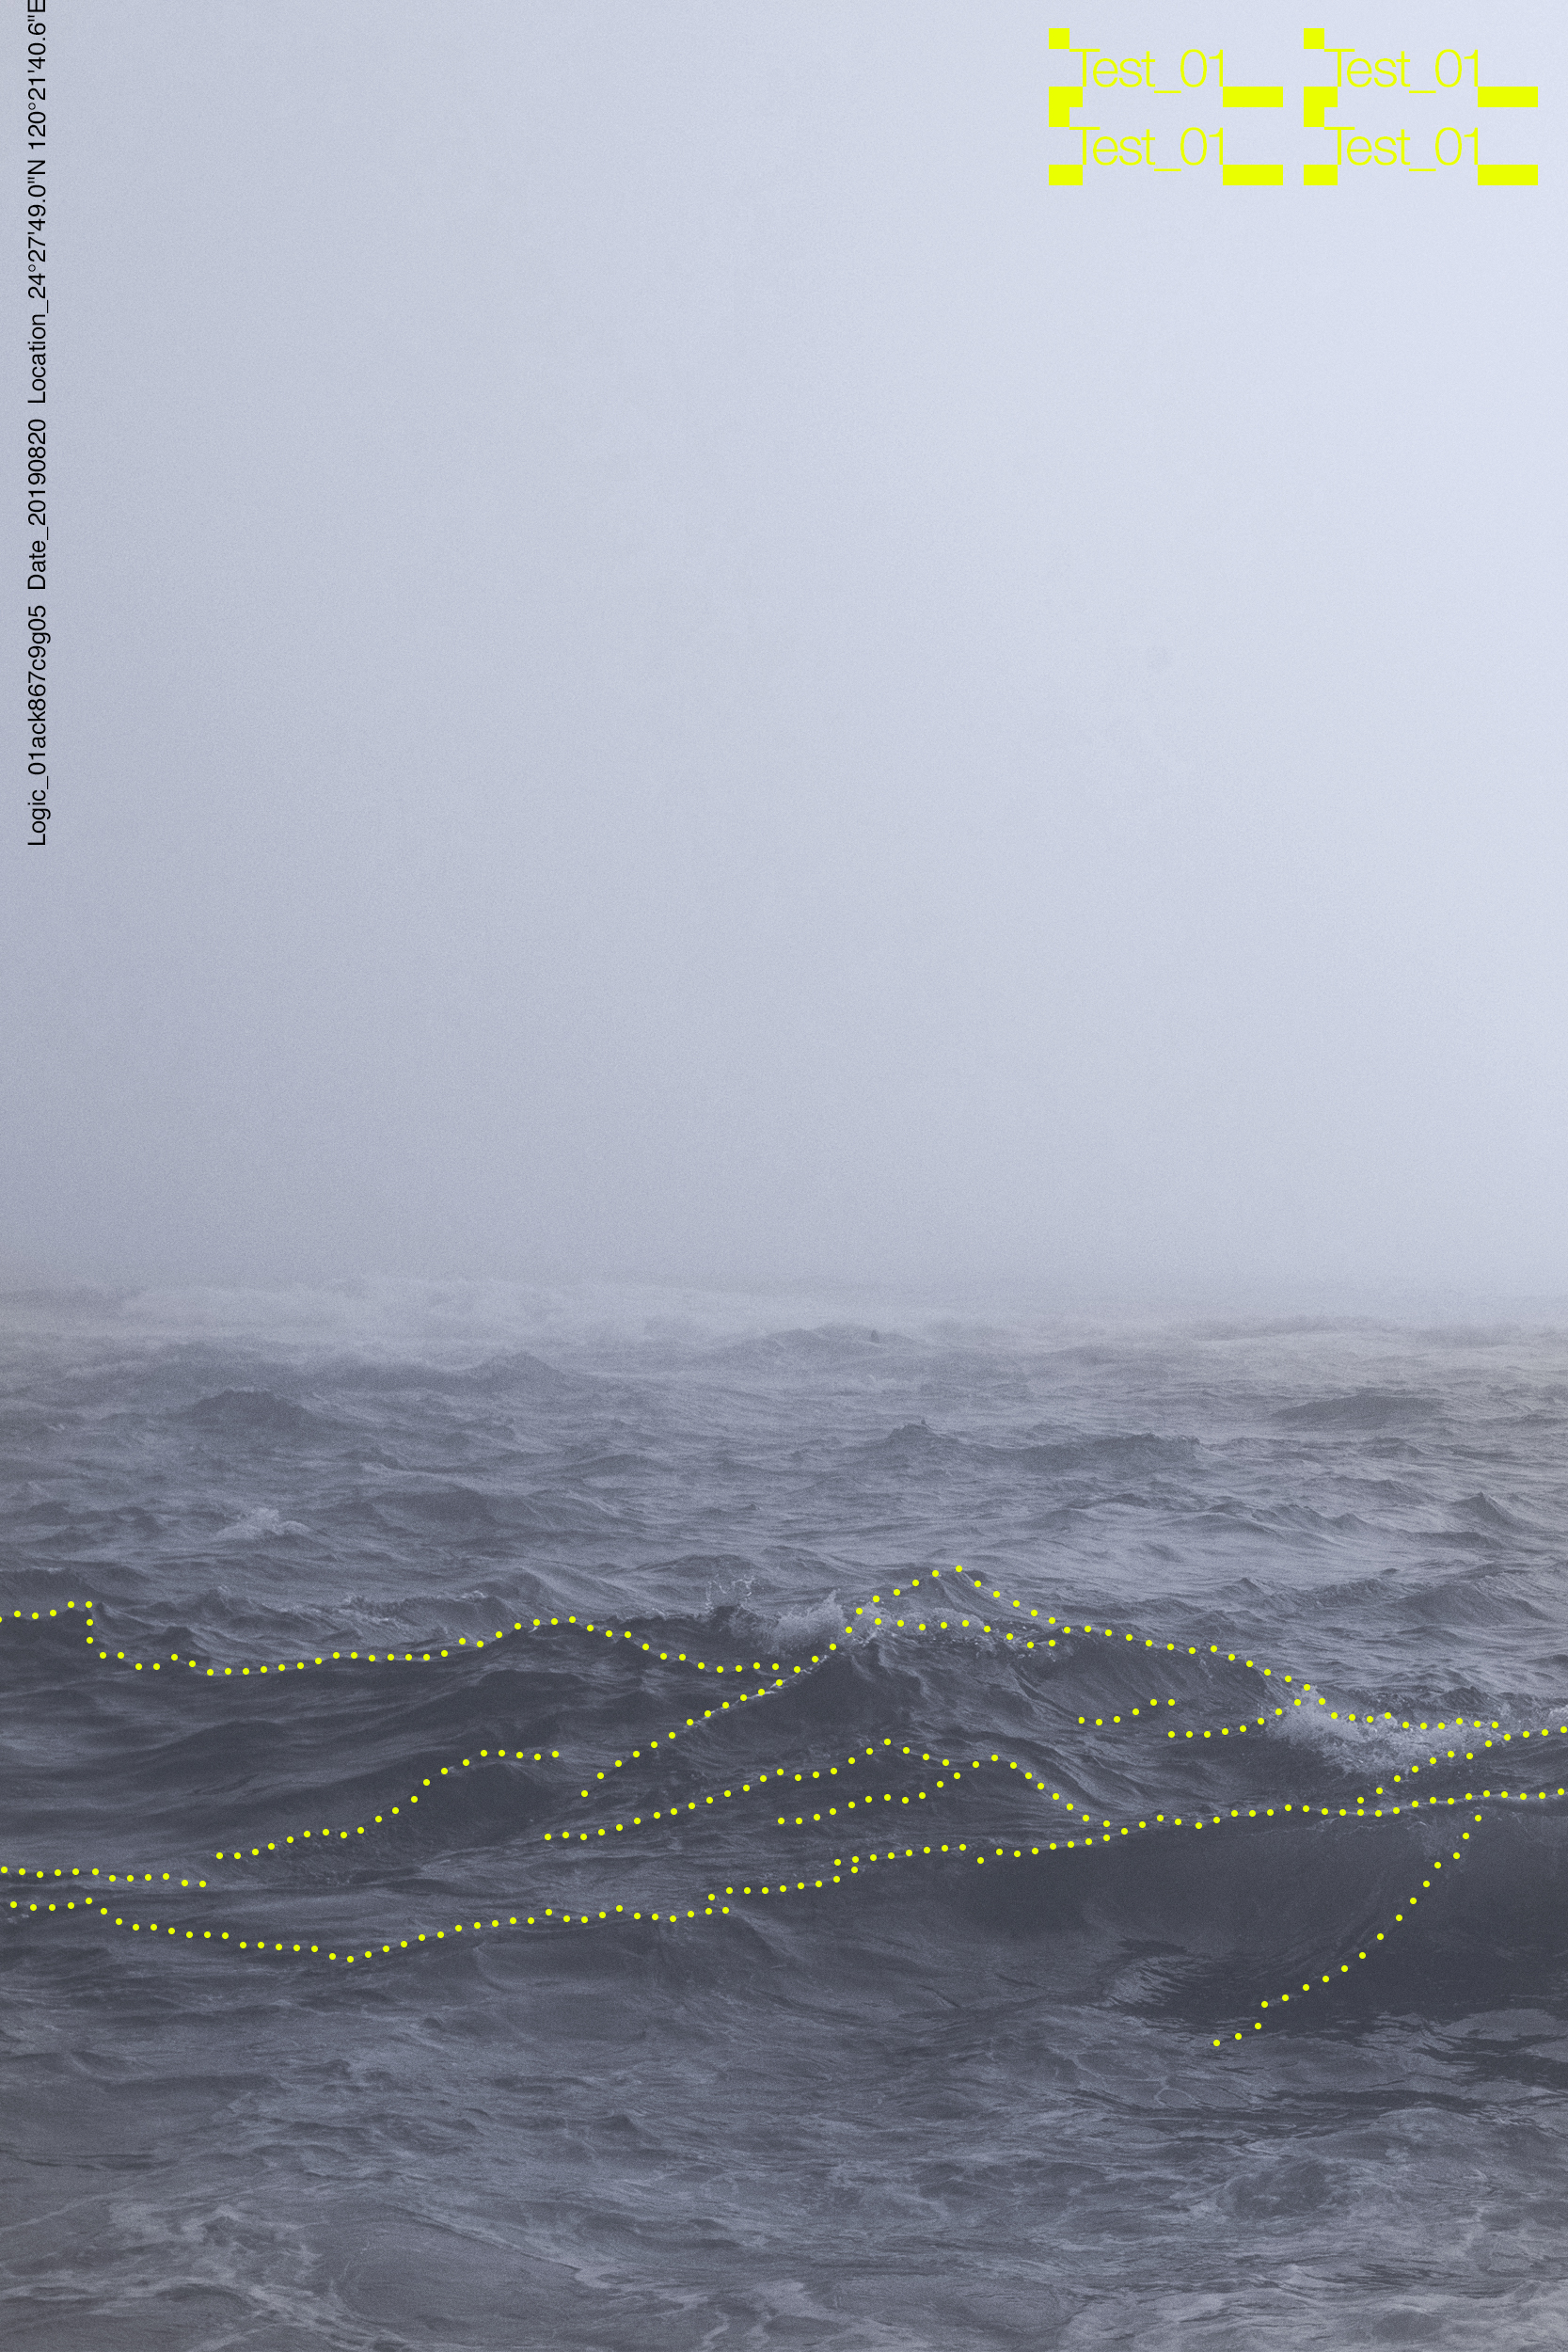 02_waves_V3